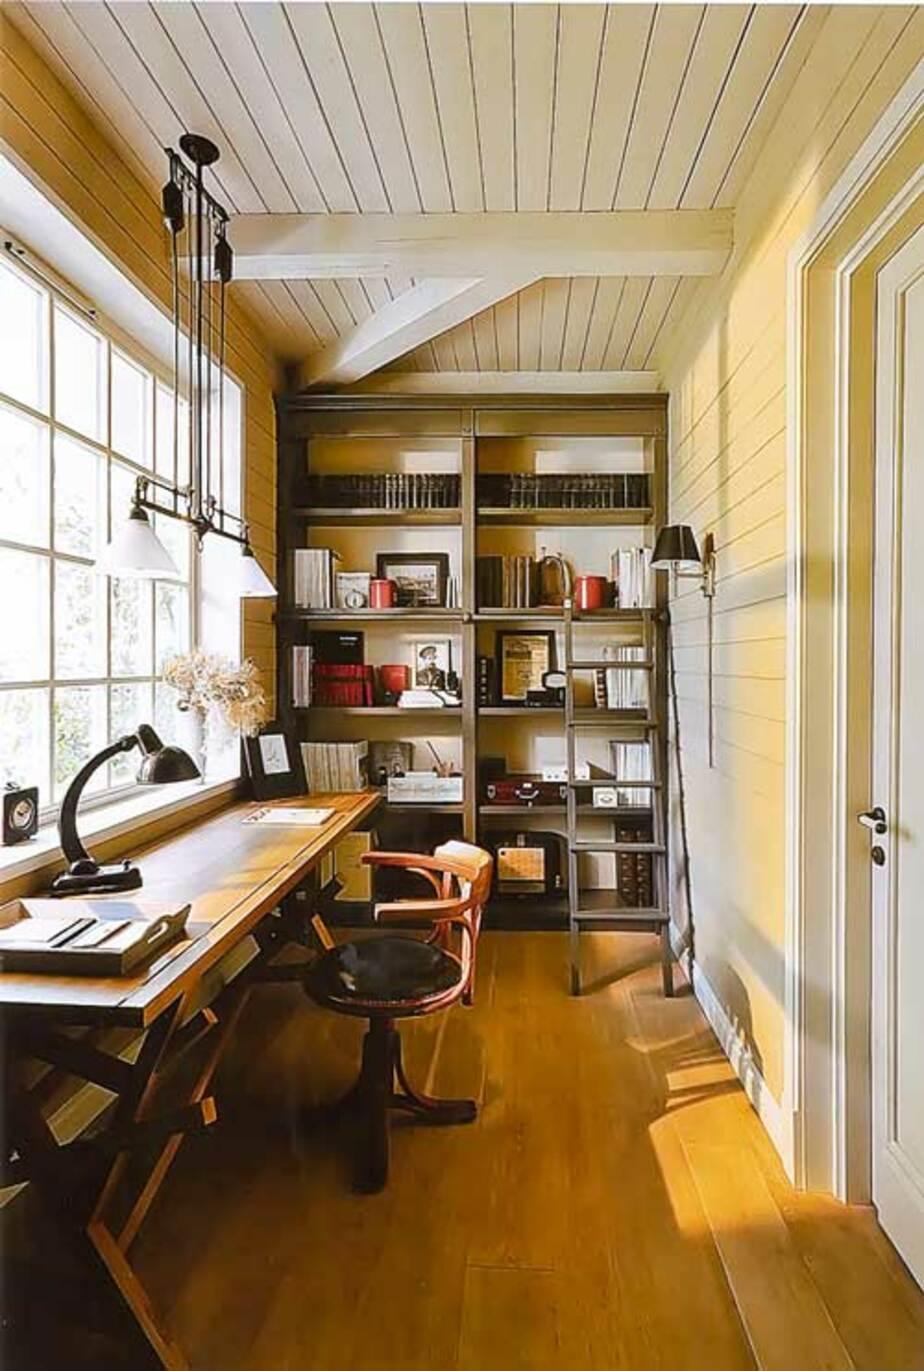 Где разместить стол в маленькой квартире? - Новости Калининграда